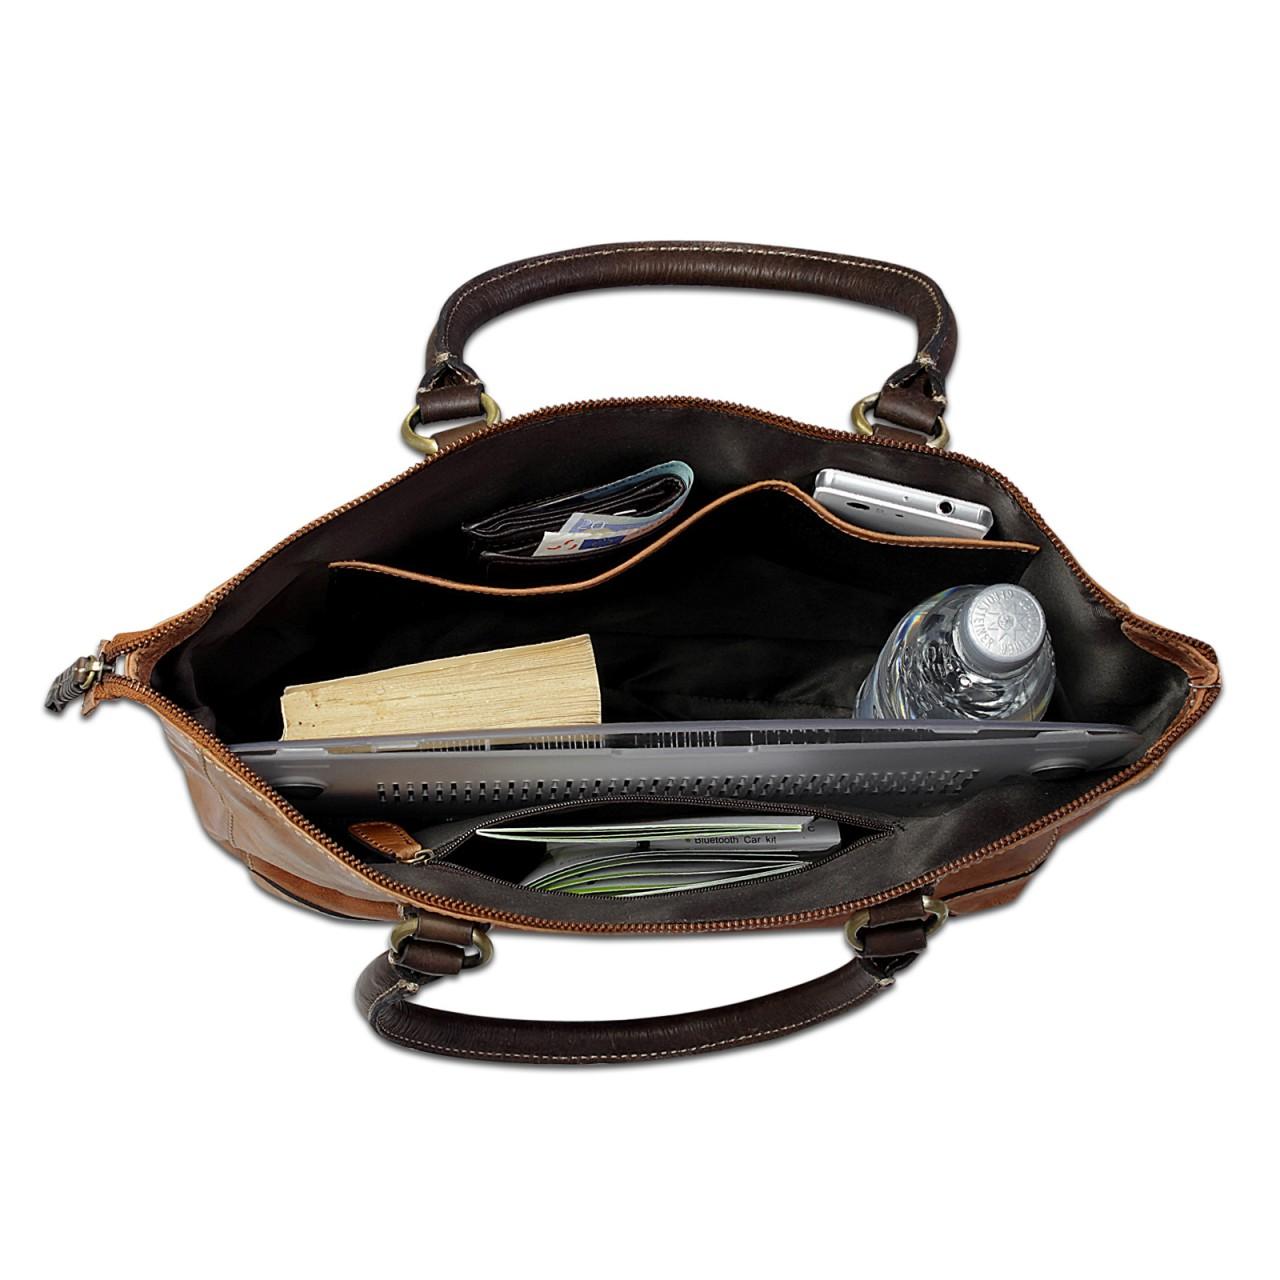 STILORD Vintage Handtasche Damen Abendtasche Henkeltasche Ausgehtasche Retro-Design aus echtem Büffel Leder braun - Bild 5